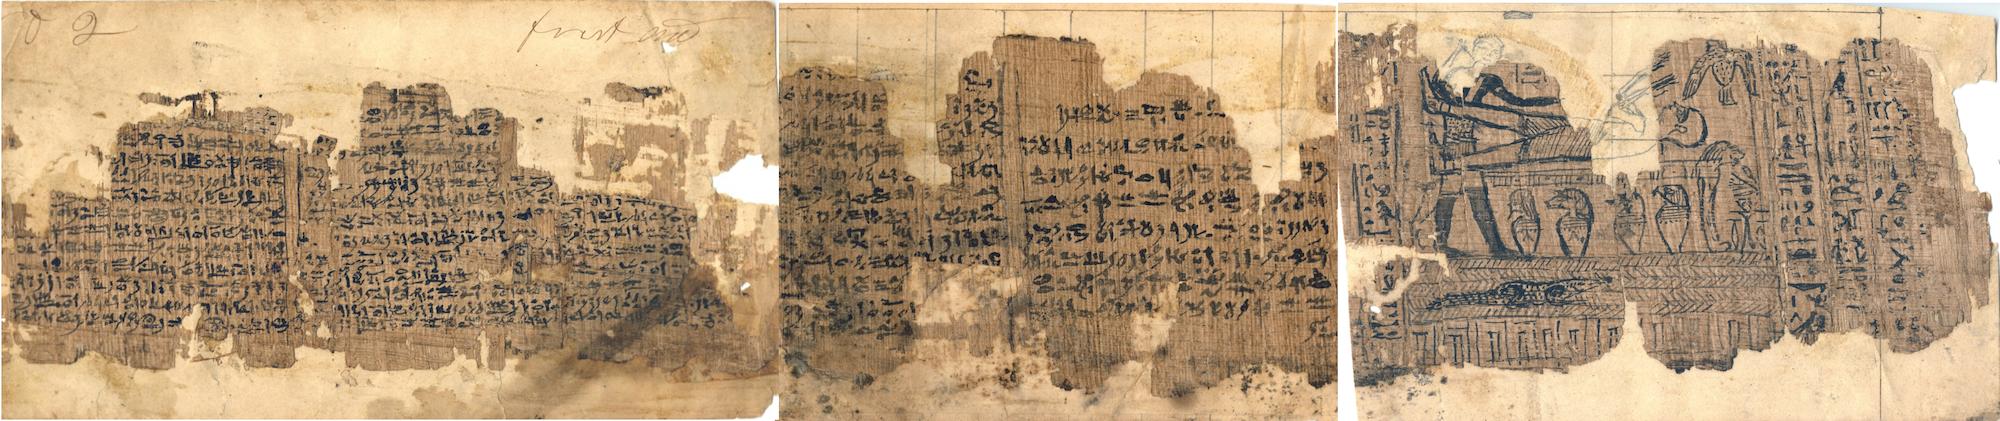 Papiros de José Smith I, XI y X (de derecha a izquierda), pertenecientes antiguamente a un sacerdote egipcio llamado Hor a través de Joseph Smith Papers Project